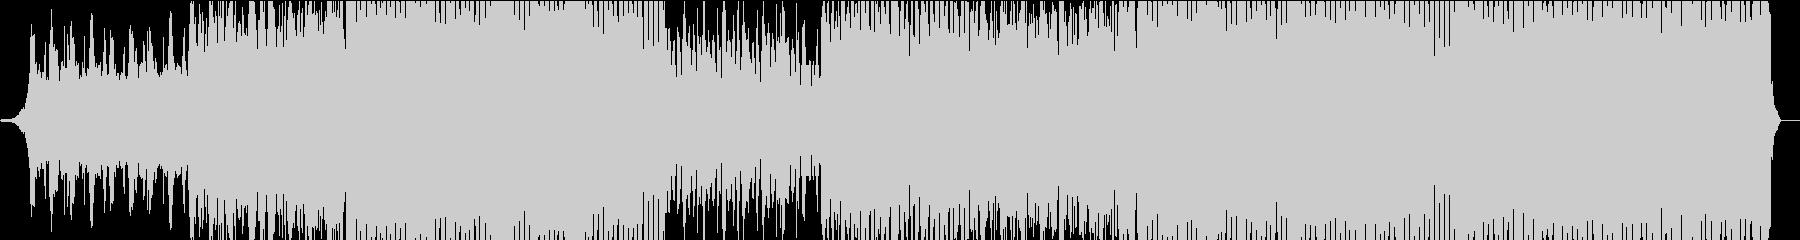 洋楽・トロピカルハウス・チルアウトEDMの未再生の波形